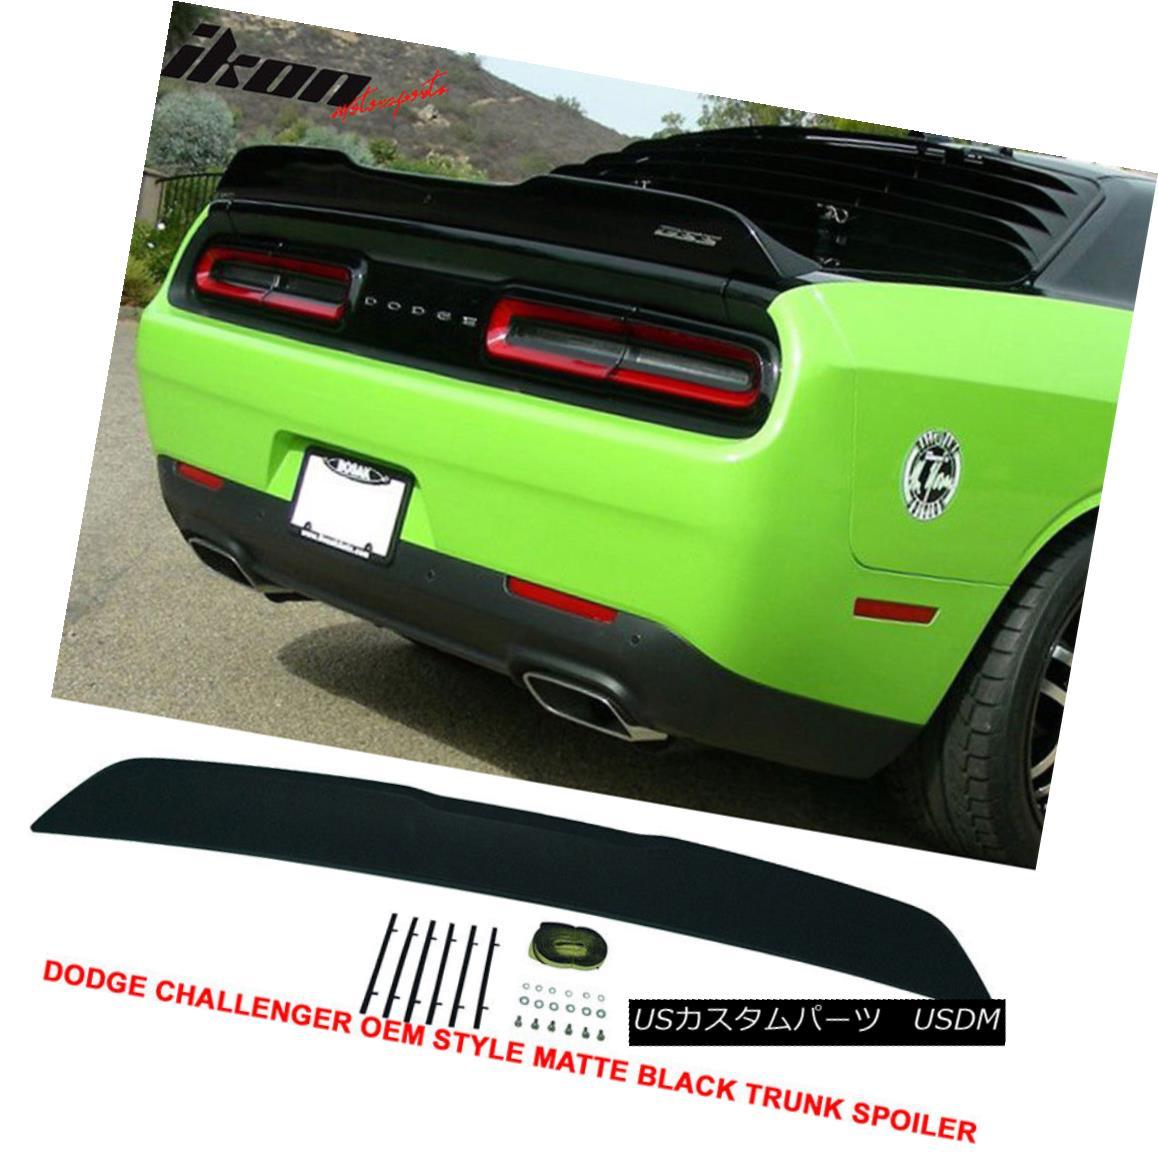 エアロパーツ Fits 15-17 Dodge Challenger Rear ABS Trunk Spoiler Primered Matte Black Finish フィット15-17ドッジチャレンジャーリアABSトランクスポイラープライマーマットブラックフィニッシュ